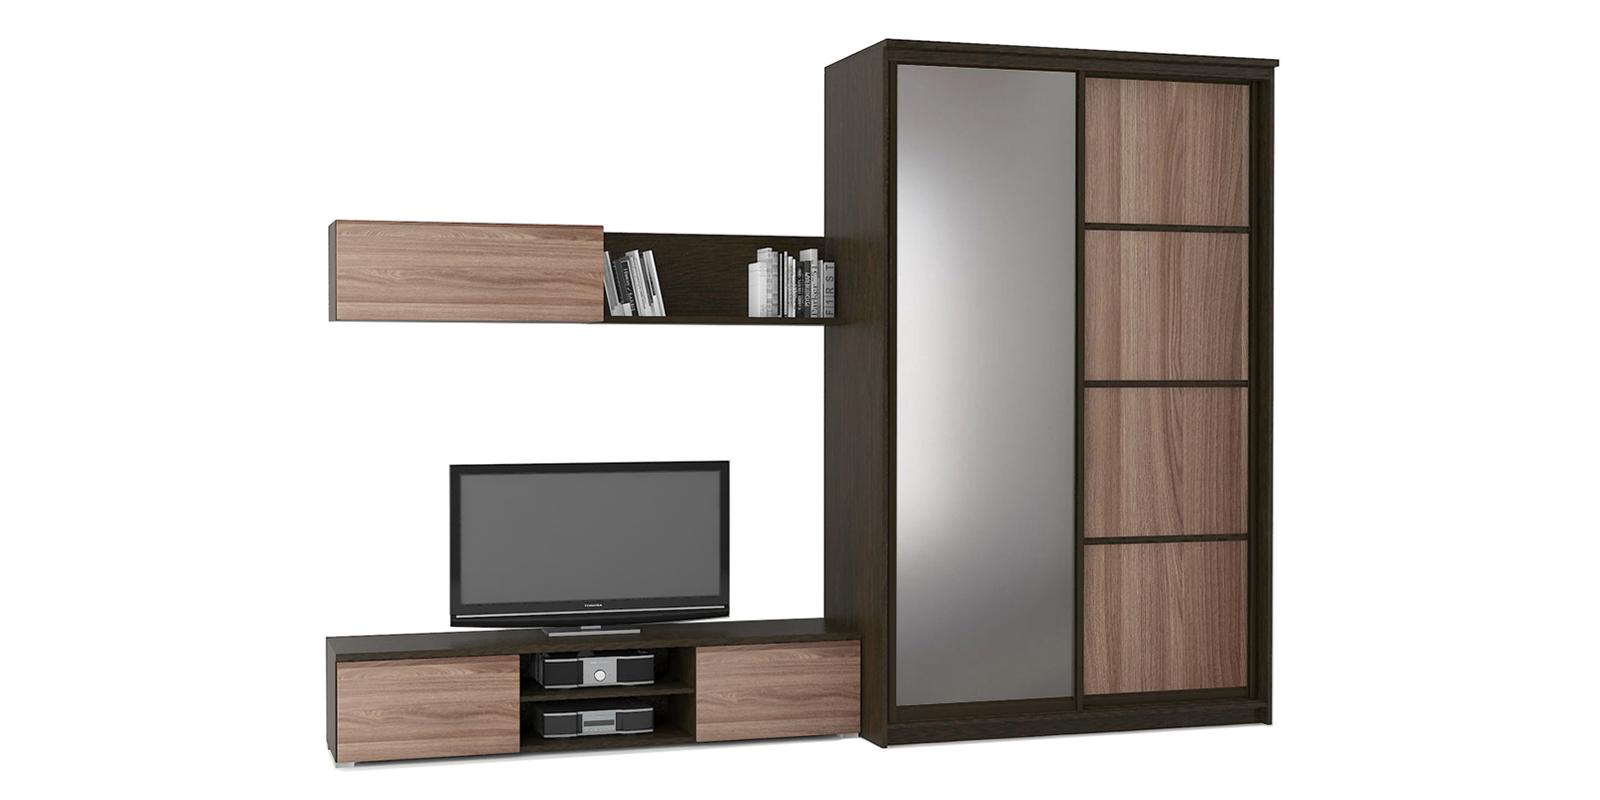 Модульная система Верона вариант №5 (венге/ясень шимо) от HomeMe.ru